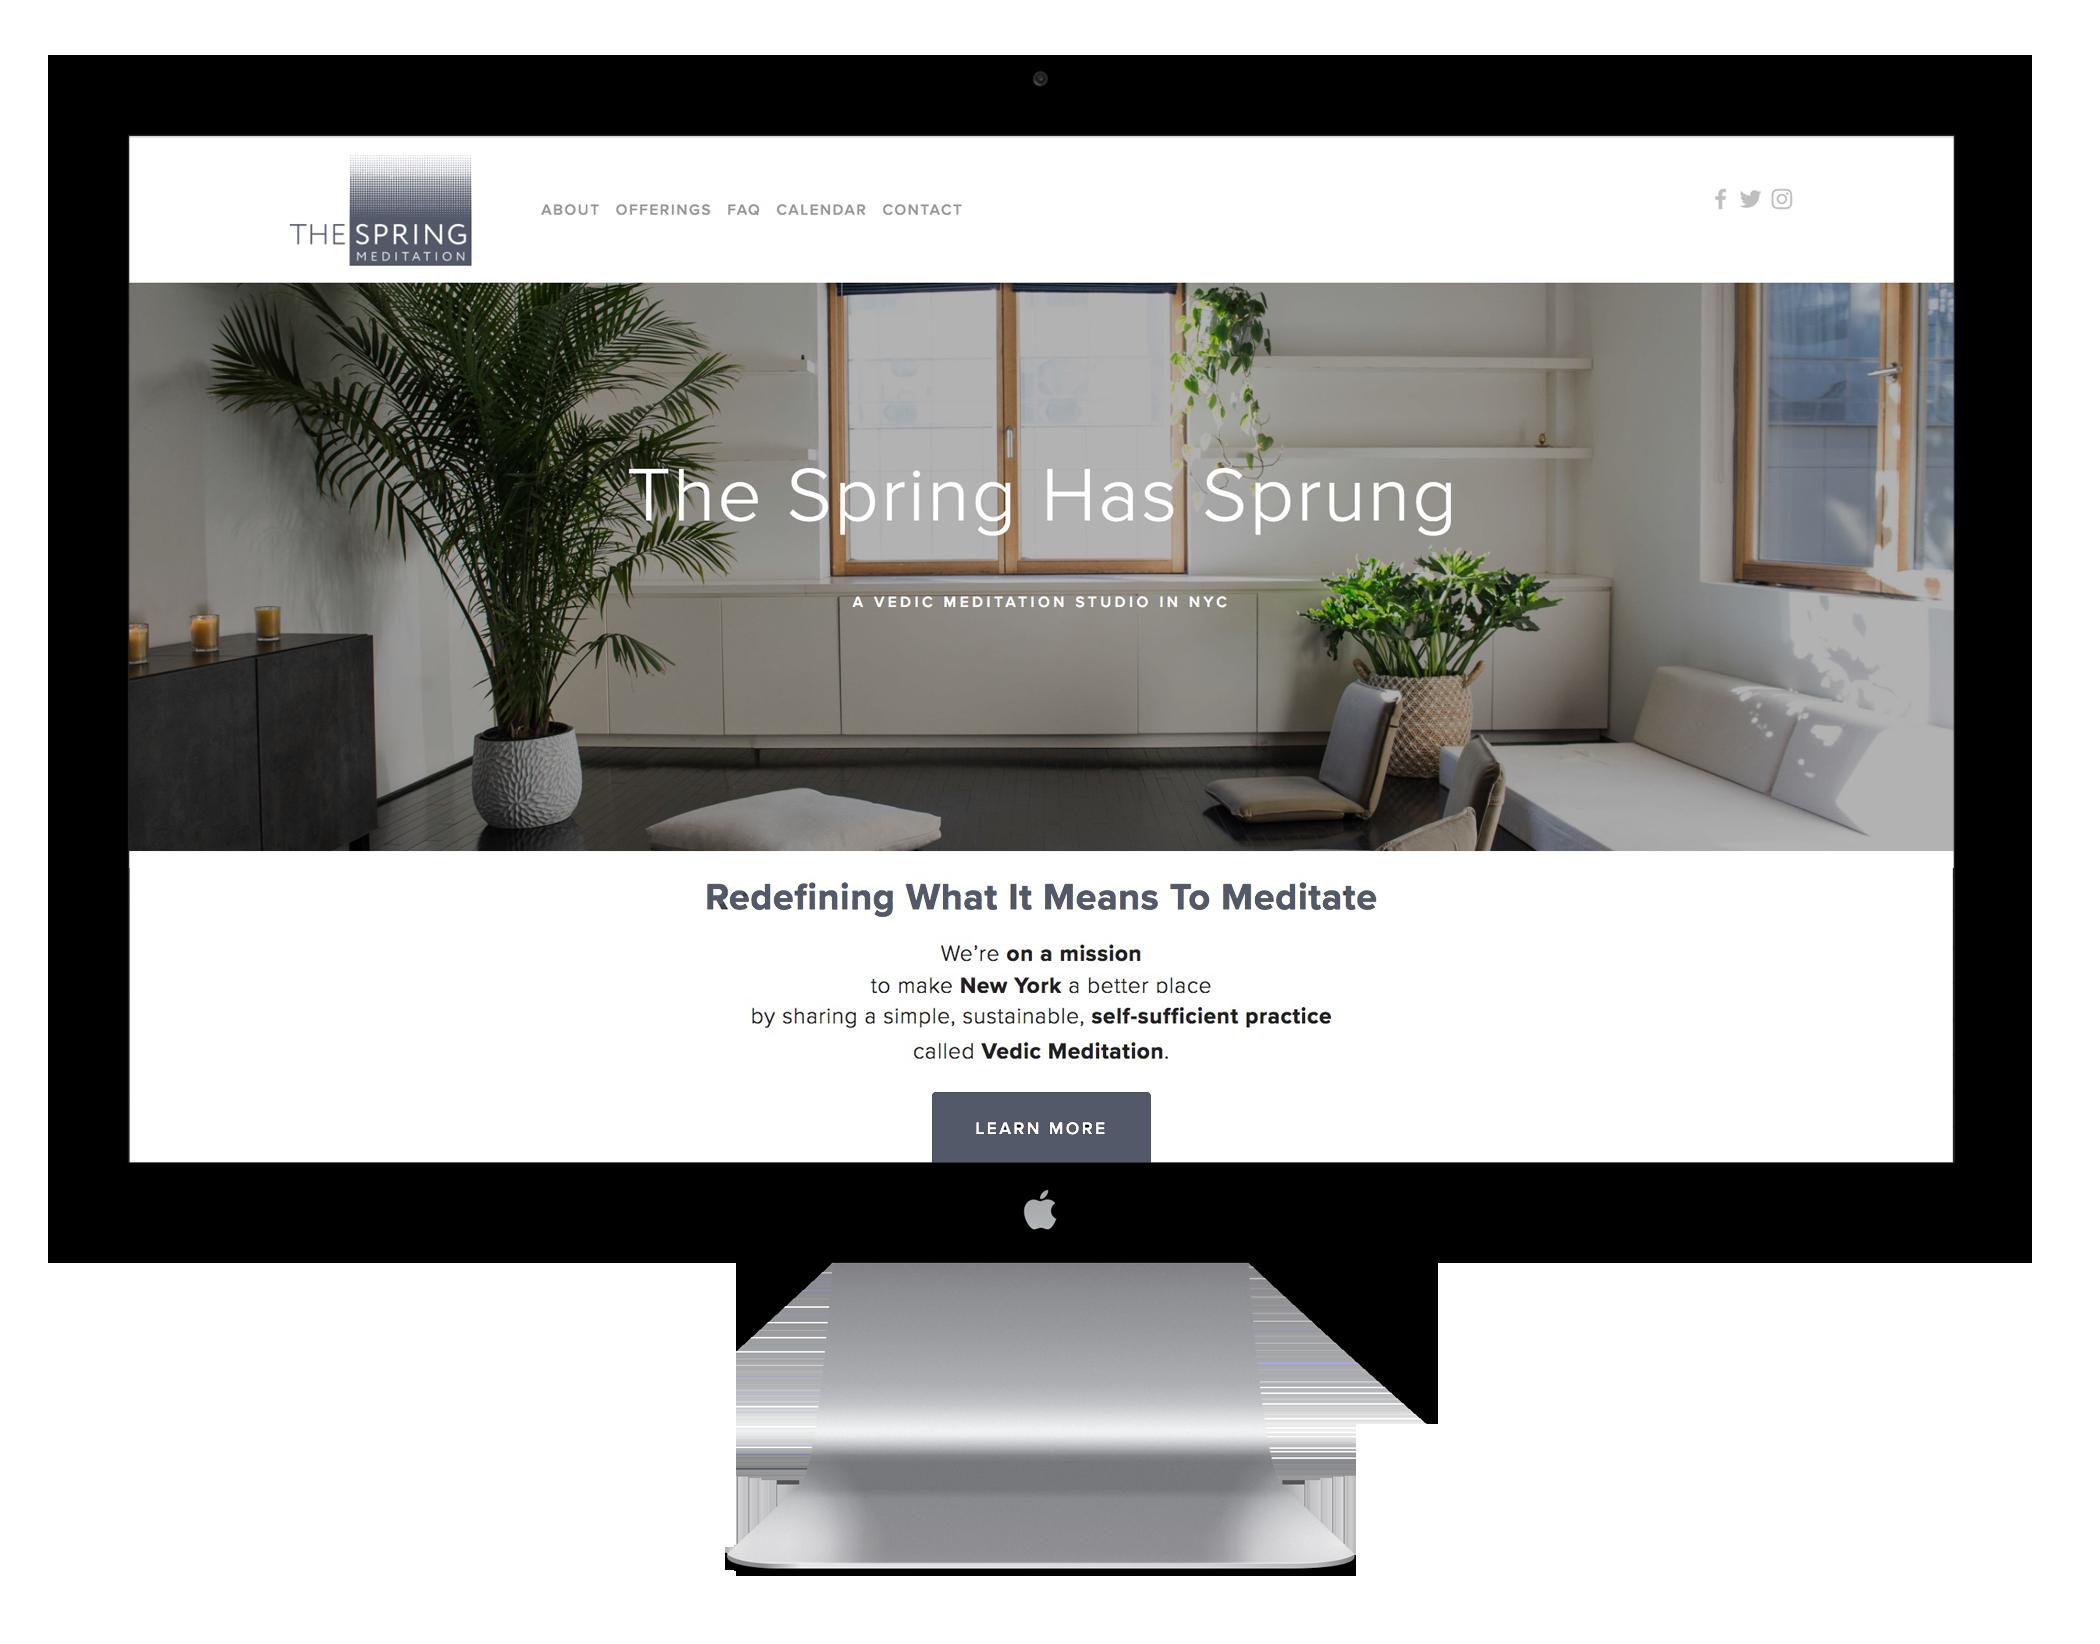 devaworks-website-design-the-spring-meditation.png